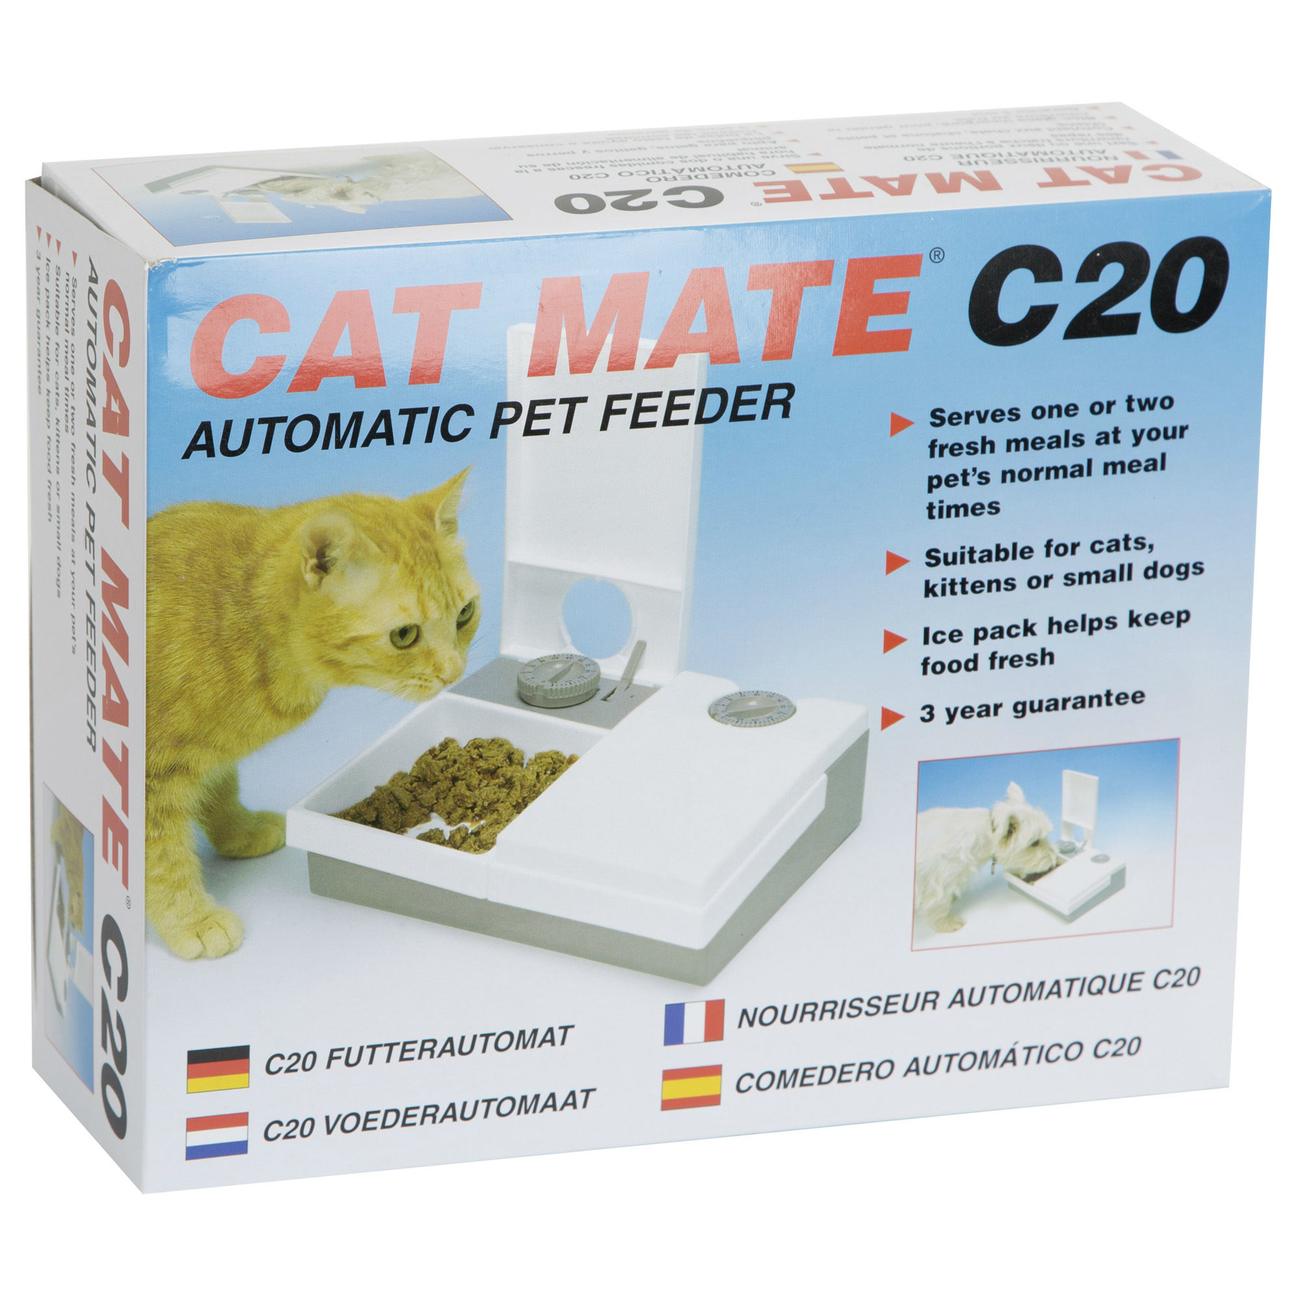 CAT MATE C20 Nassfutter Automat, Bild 2